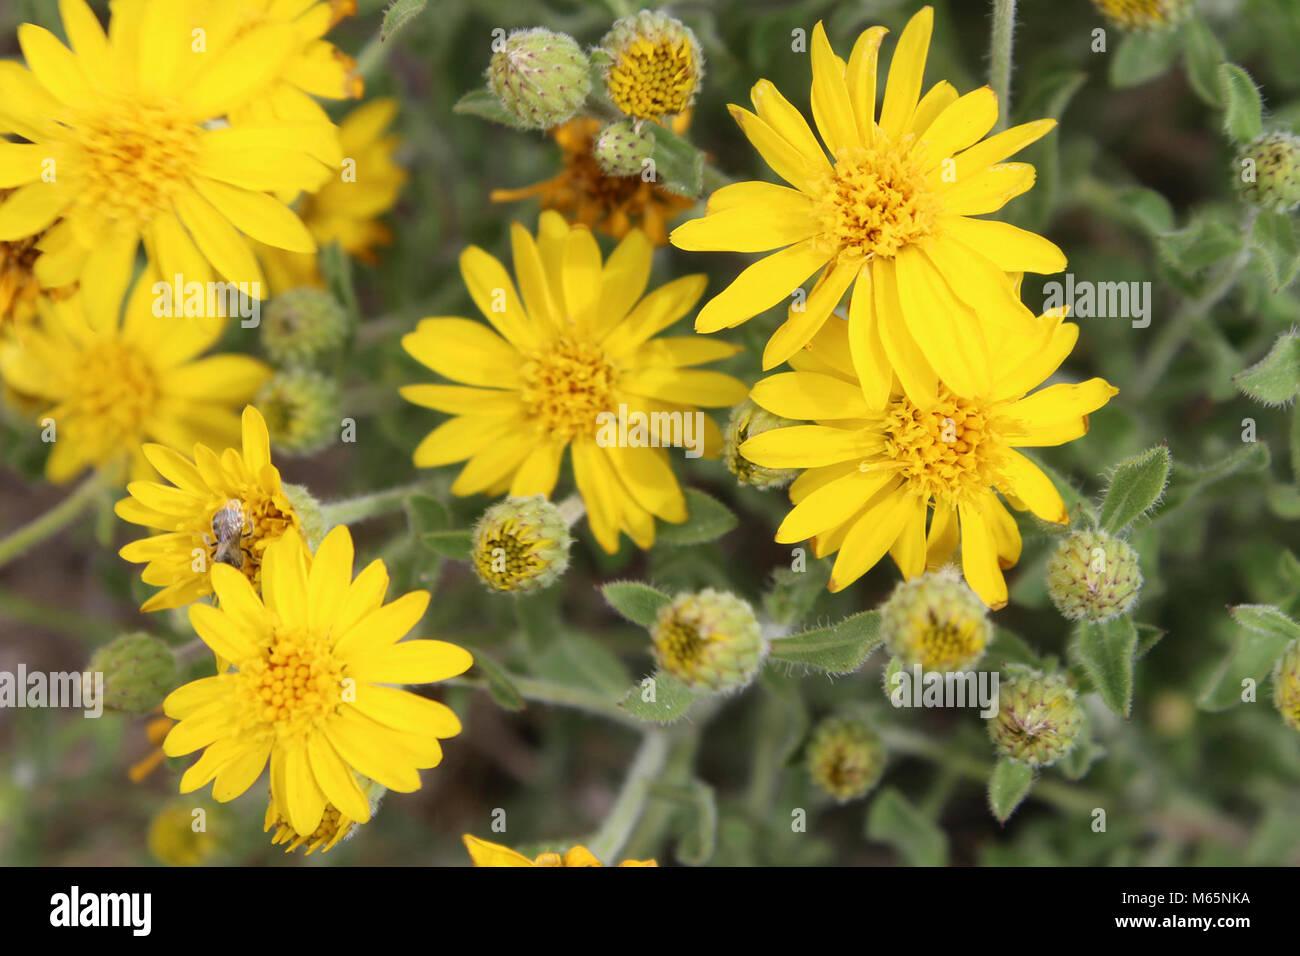 Haarige false goldenaster (Heterotheca villosa). 05-14-17_9152 Stockfoto